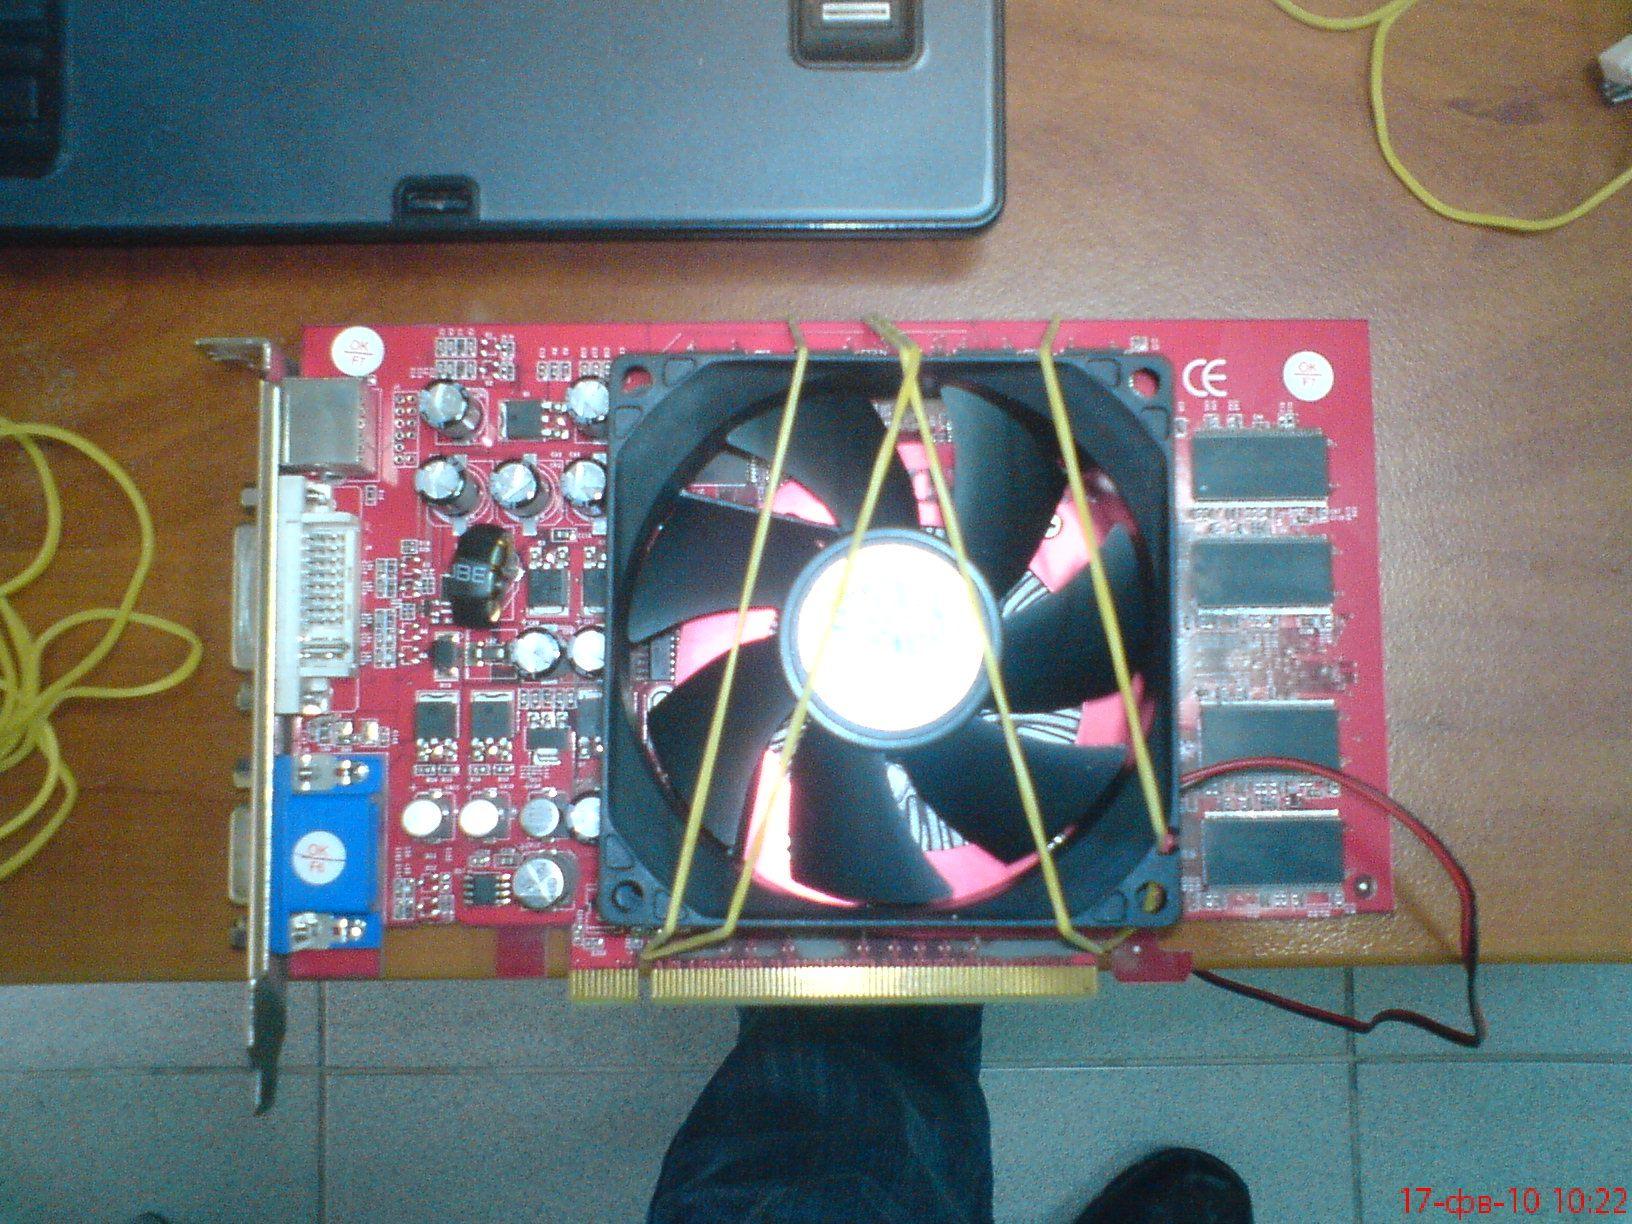 апгрейд системы охлаждения видеокарты